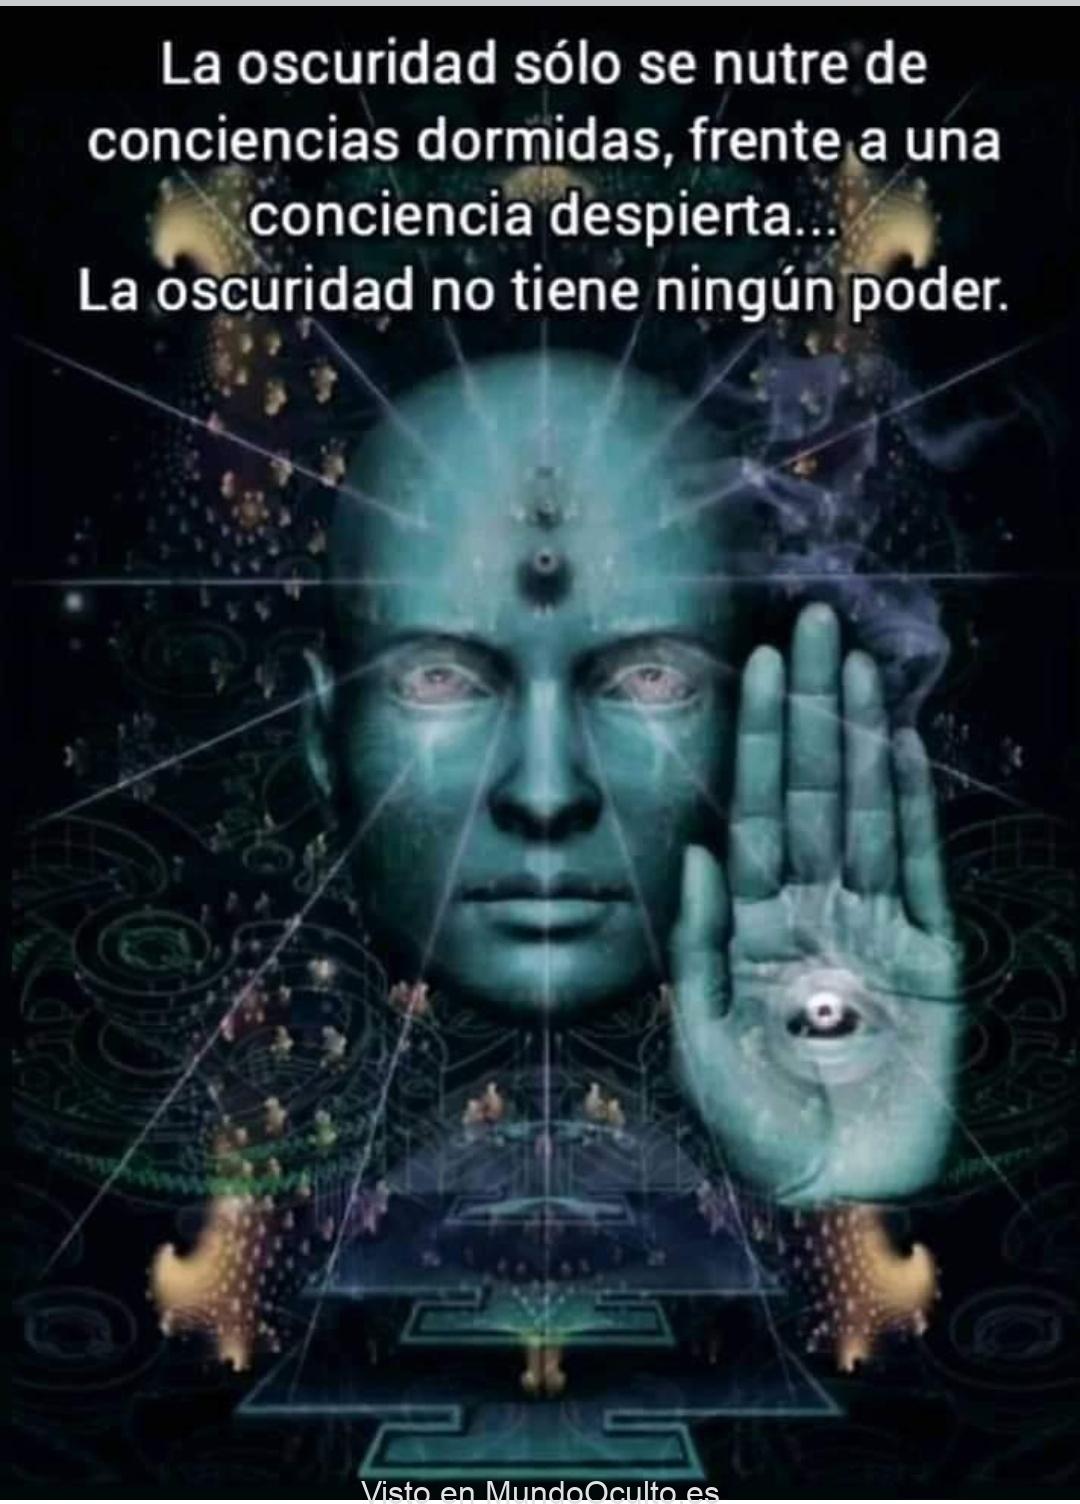 LOS ARCONTES ESTAN ABSORBIENDO LA ENERGIA VITAL A LOS SERES HUMANOS Y NOS TIENEN EN UN MUNDO REAL DE CIENCIA FICCIÓN